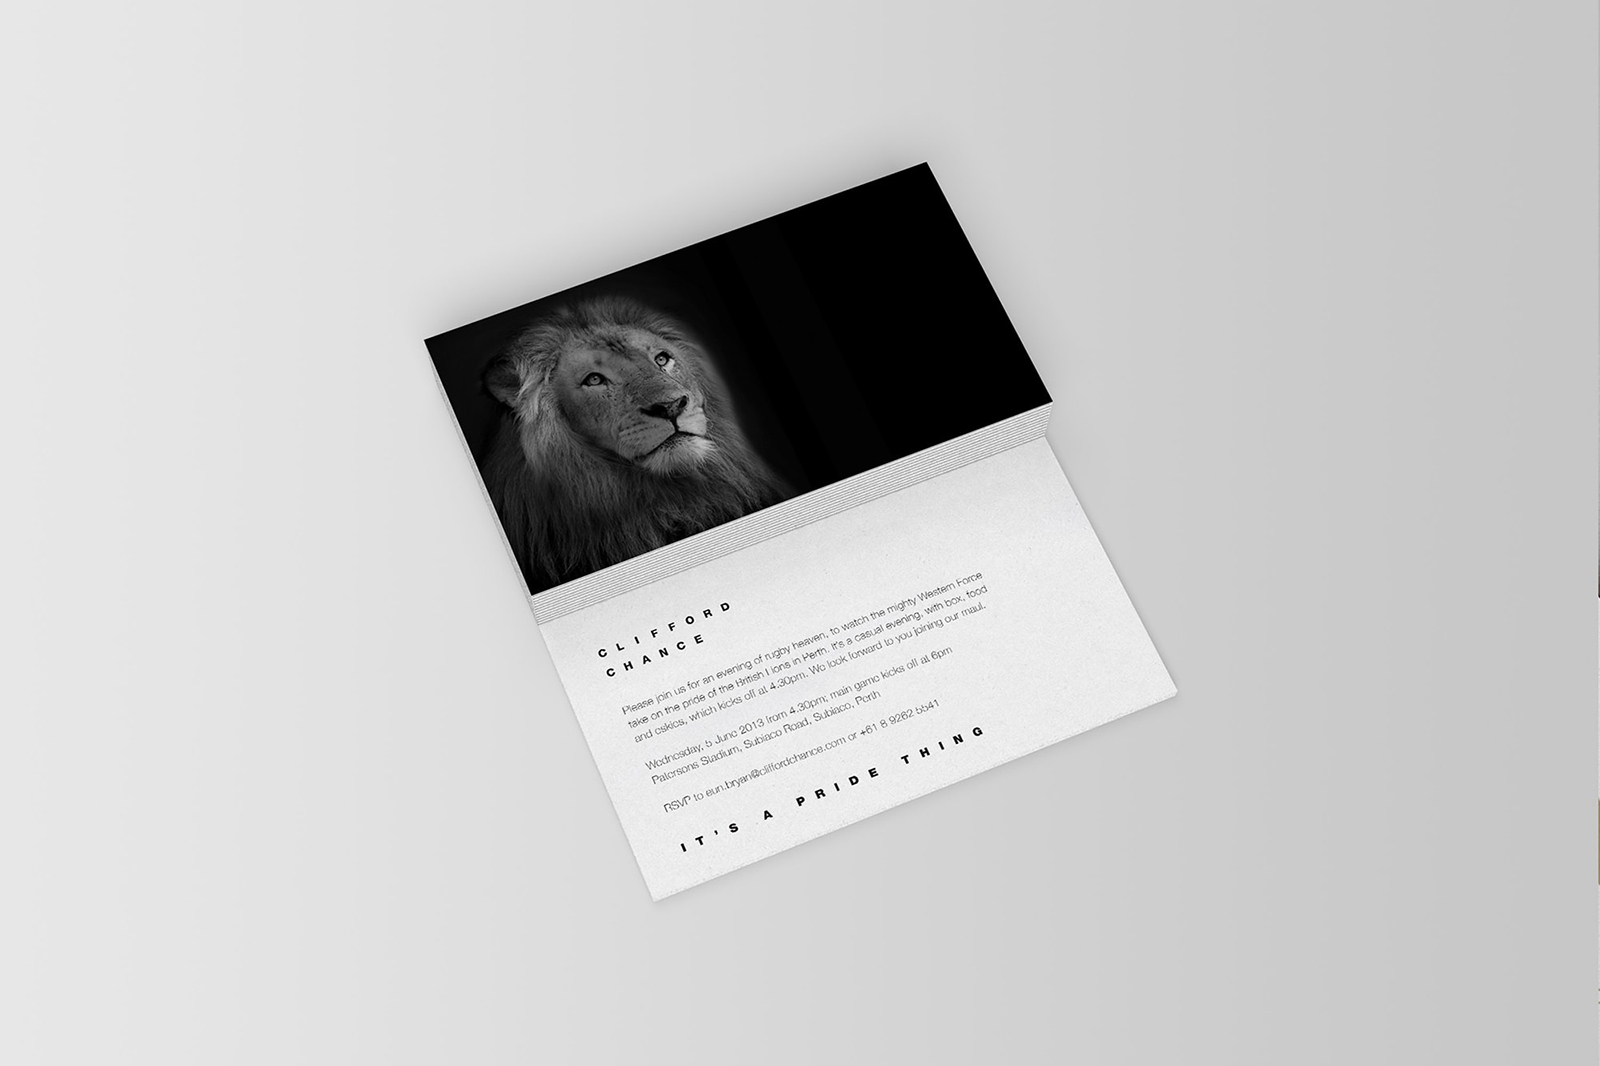 invitation3-min-min